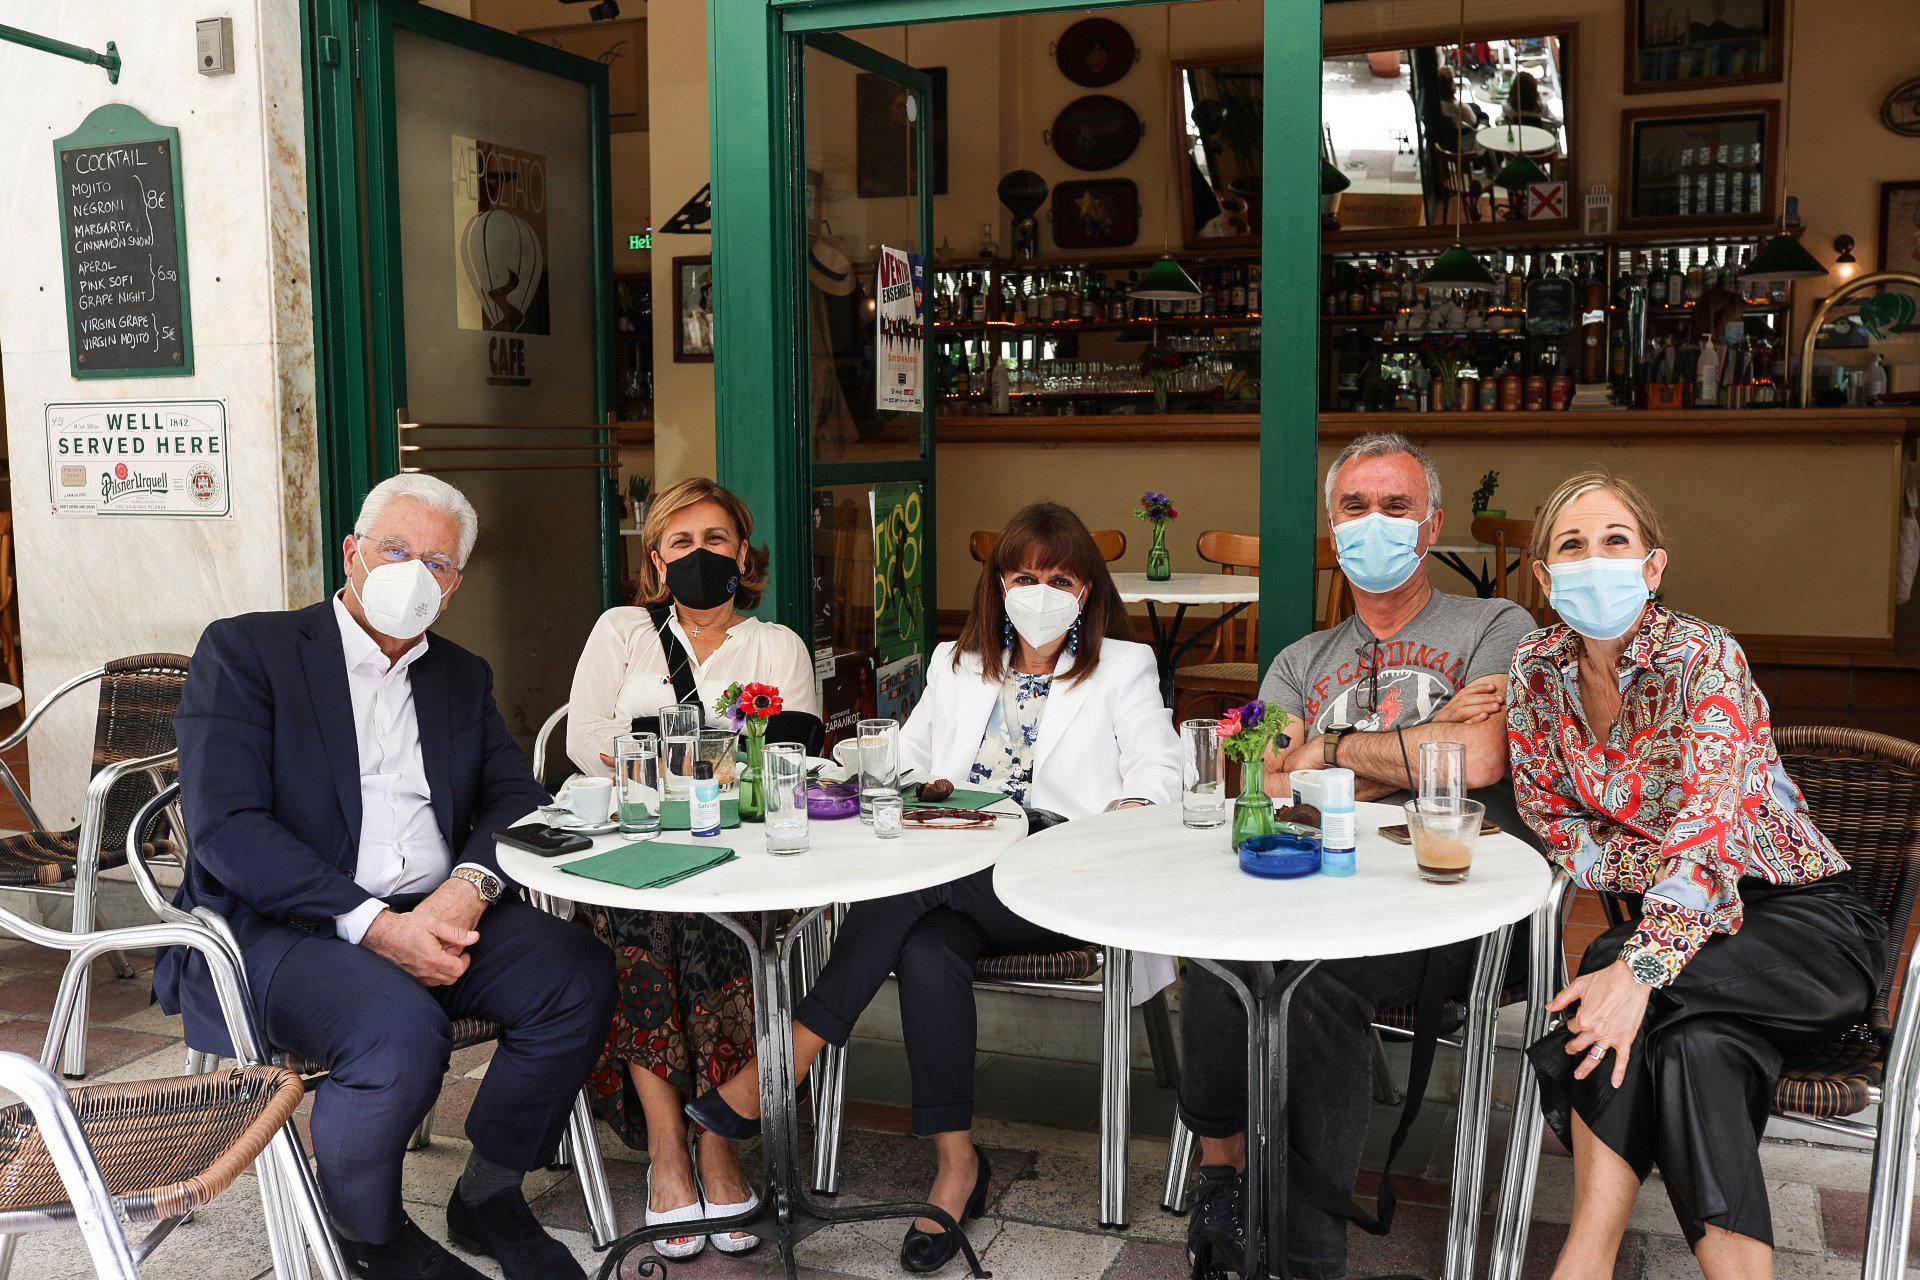 Η Κατερίνα Σακελλαροπούλου για καφέ με γιατρούς από Ευαγγελισμό και Σωτηρία